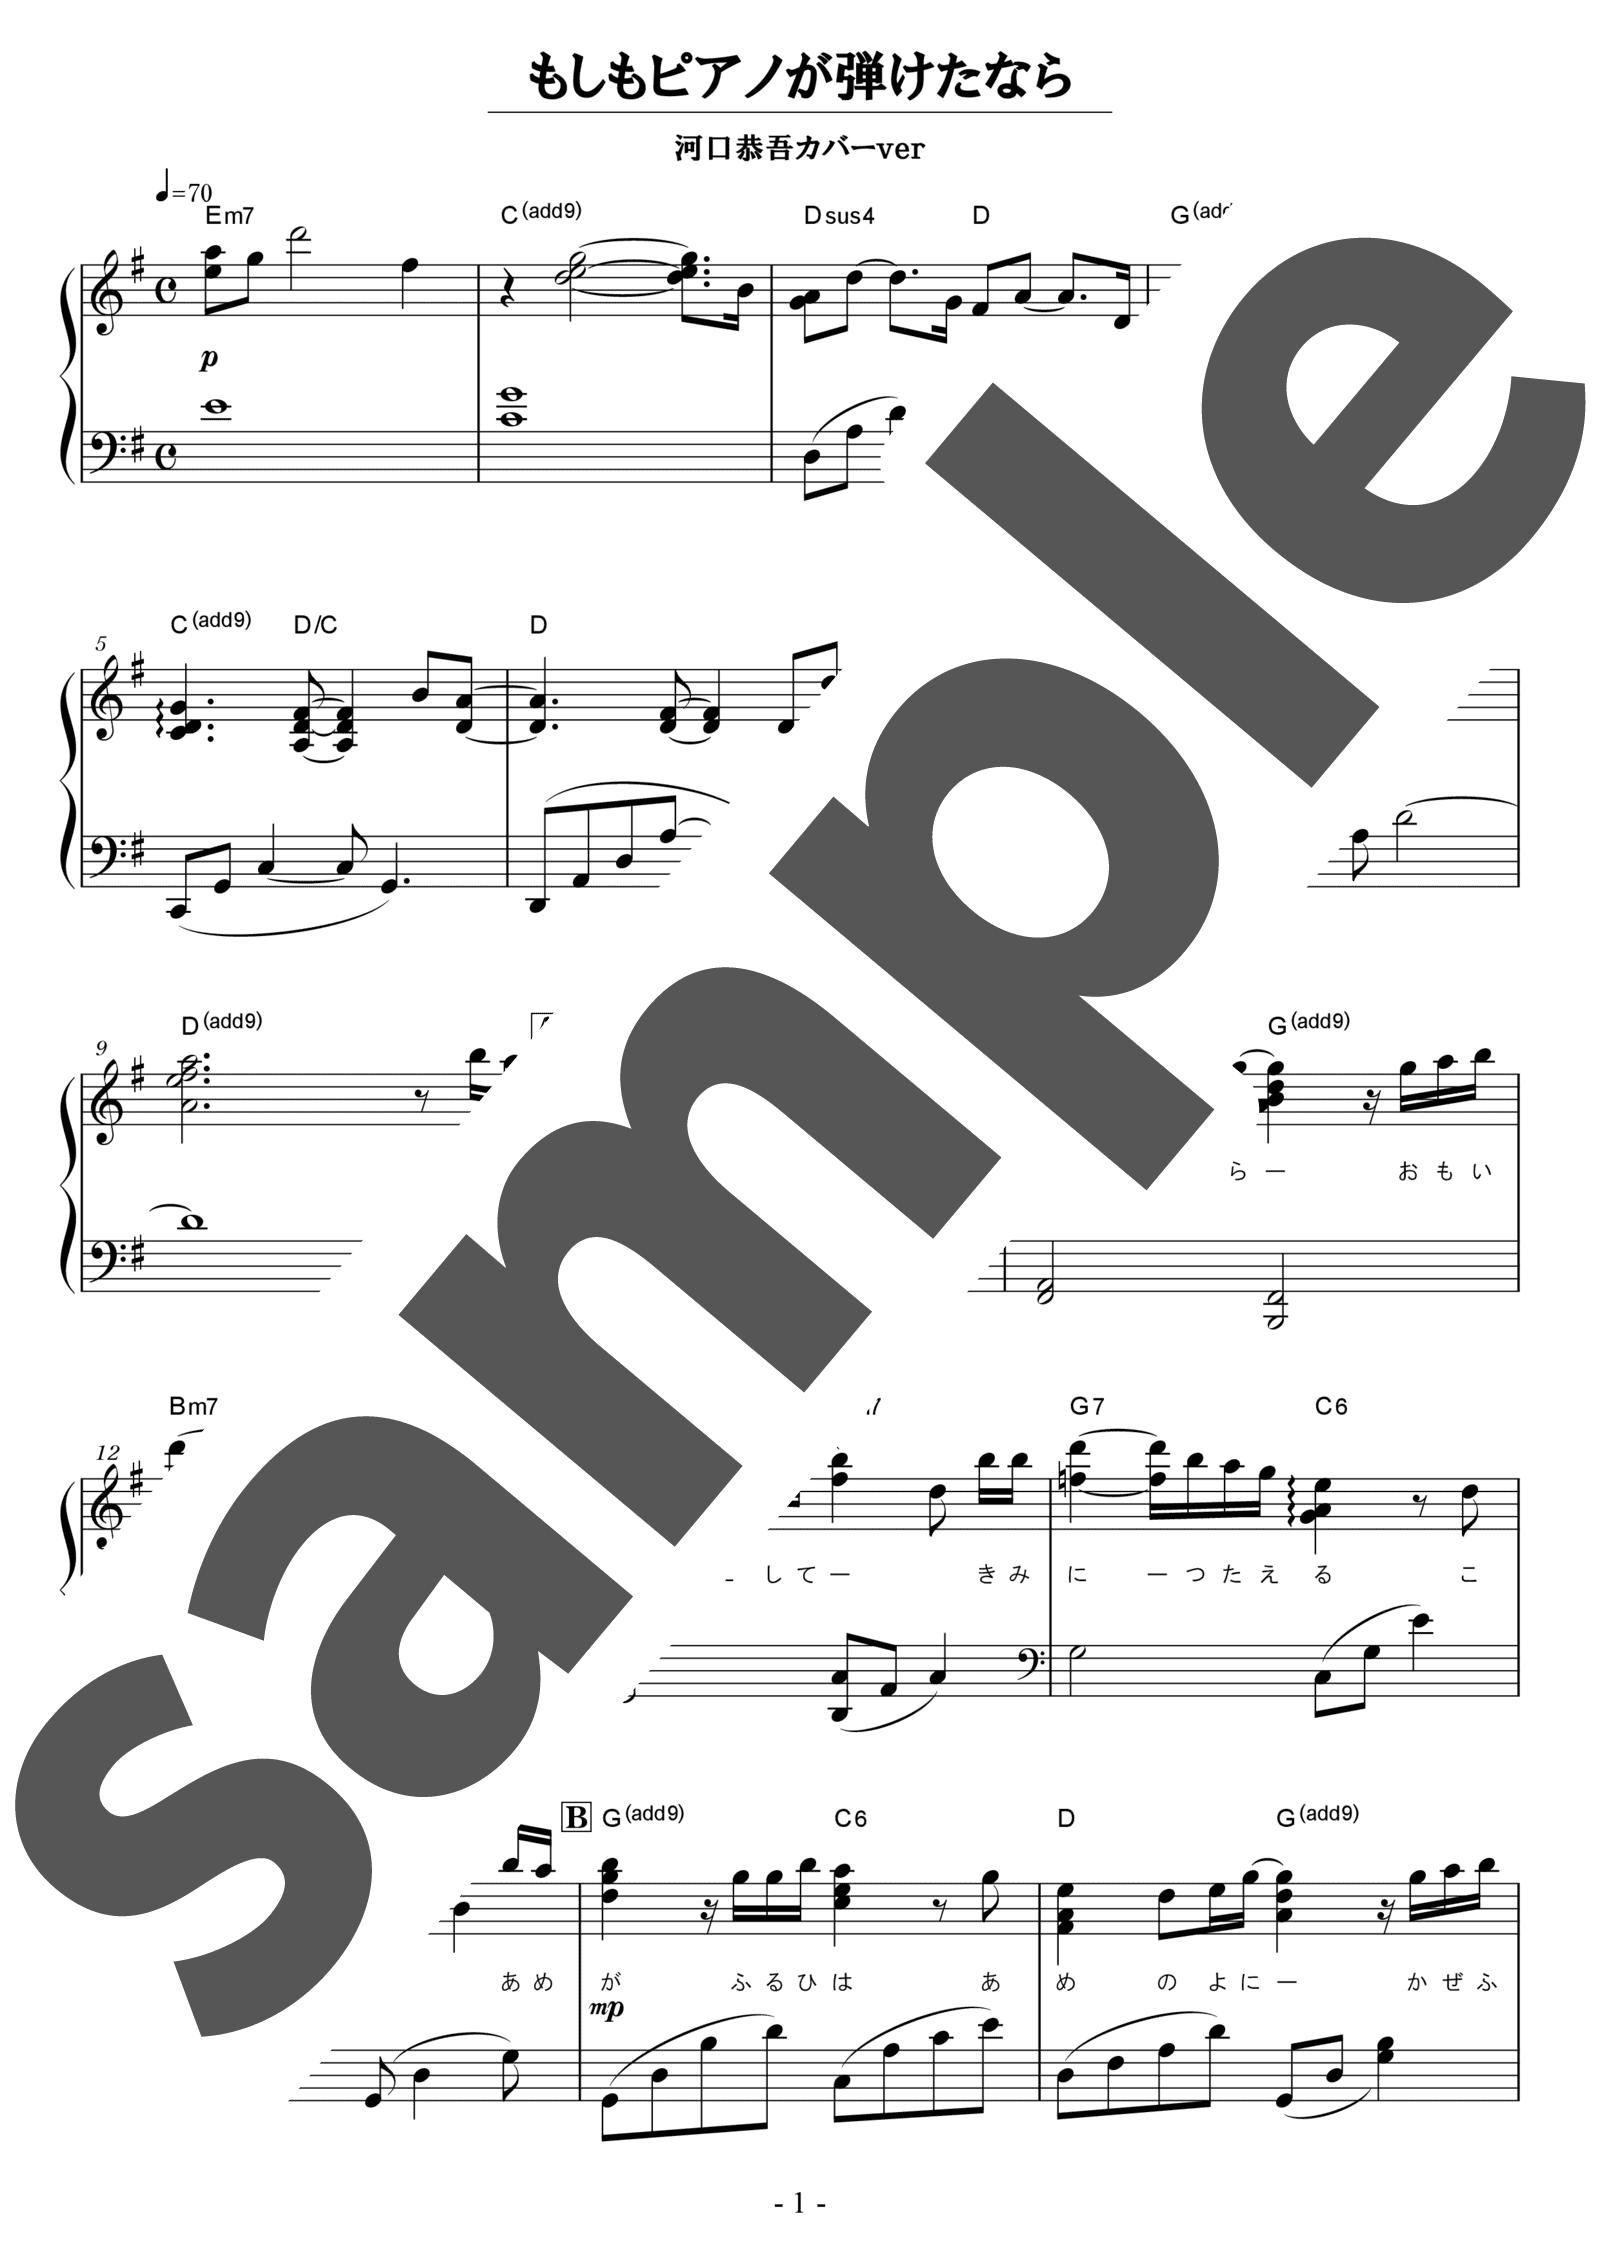 「もしもピアノが弾けたなら」のサンプル楽譜